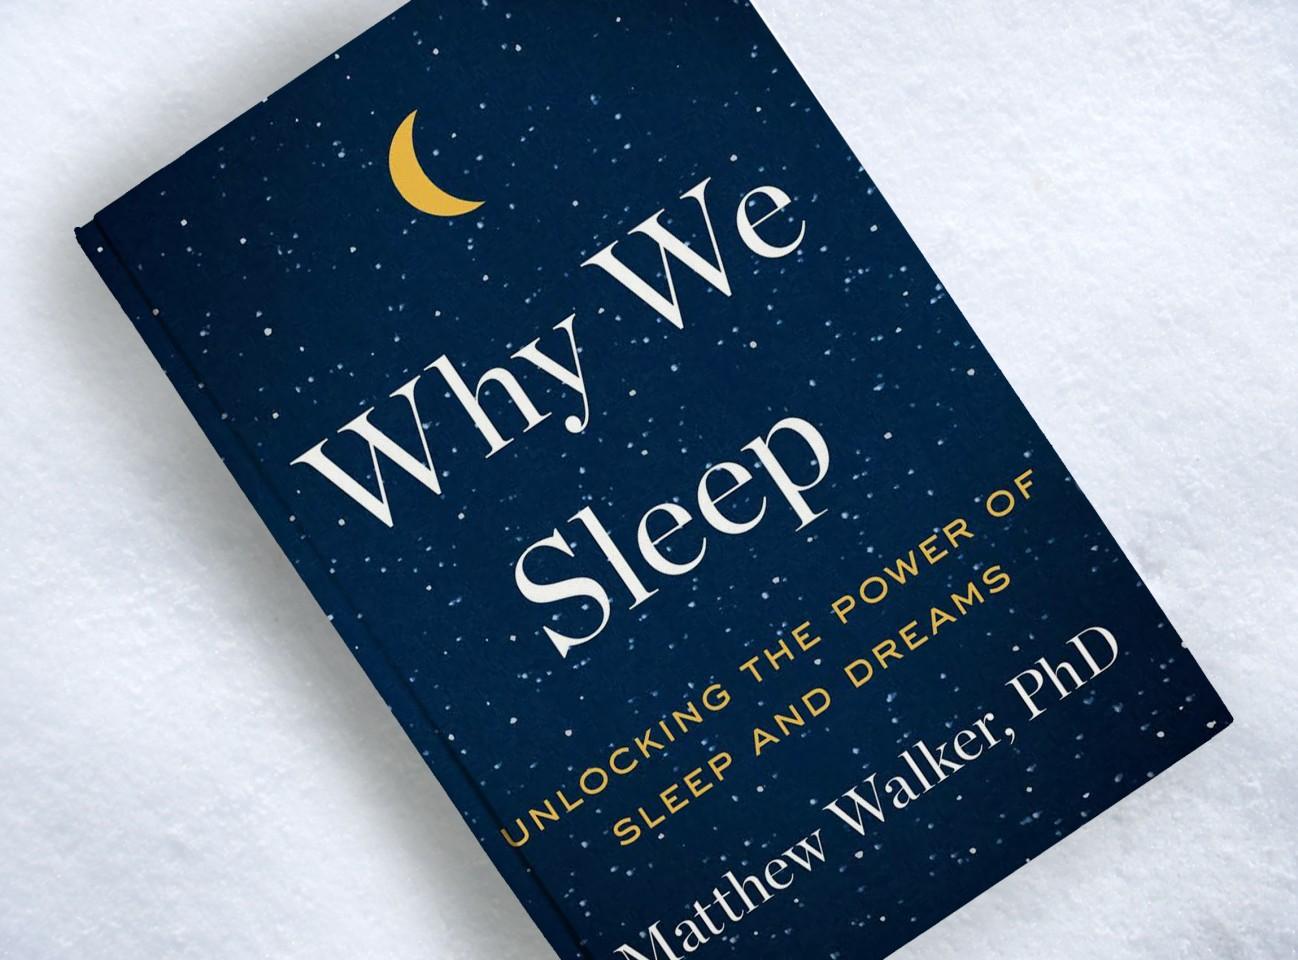 5 книг, які радить почитати Білл Гейтс на зимові свята - startups, produktyvnist, porady, knygy